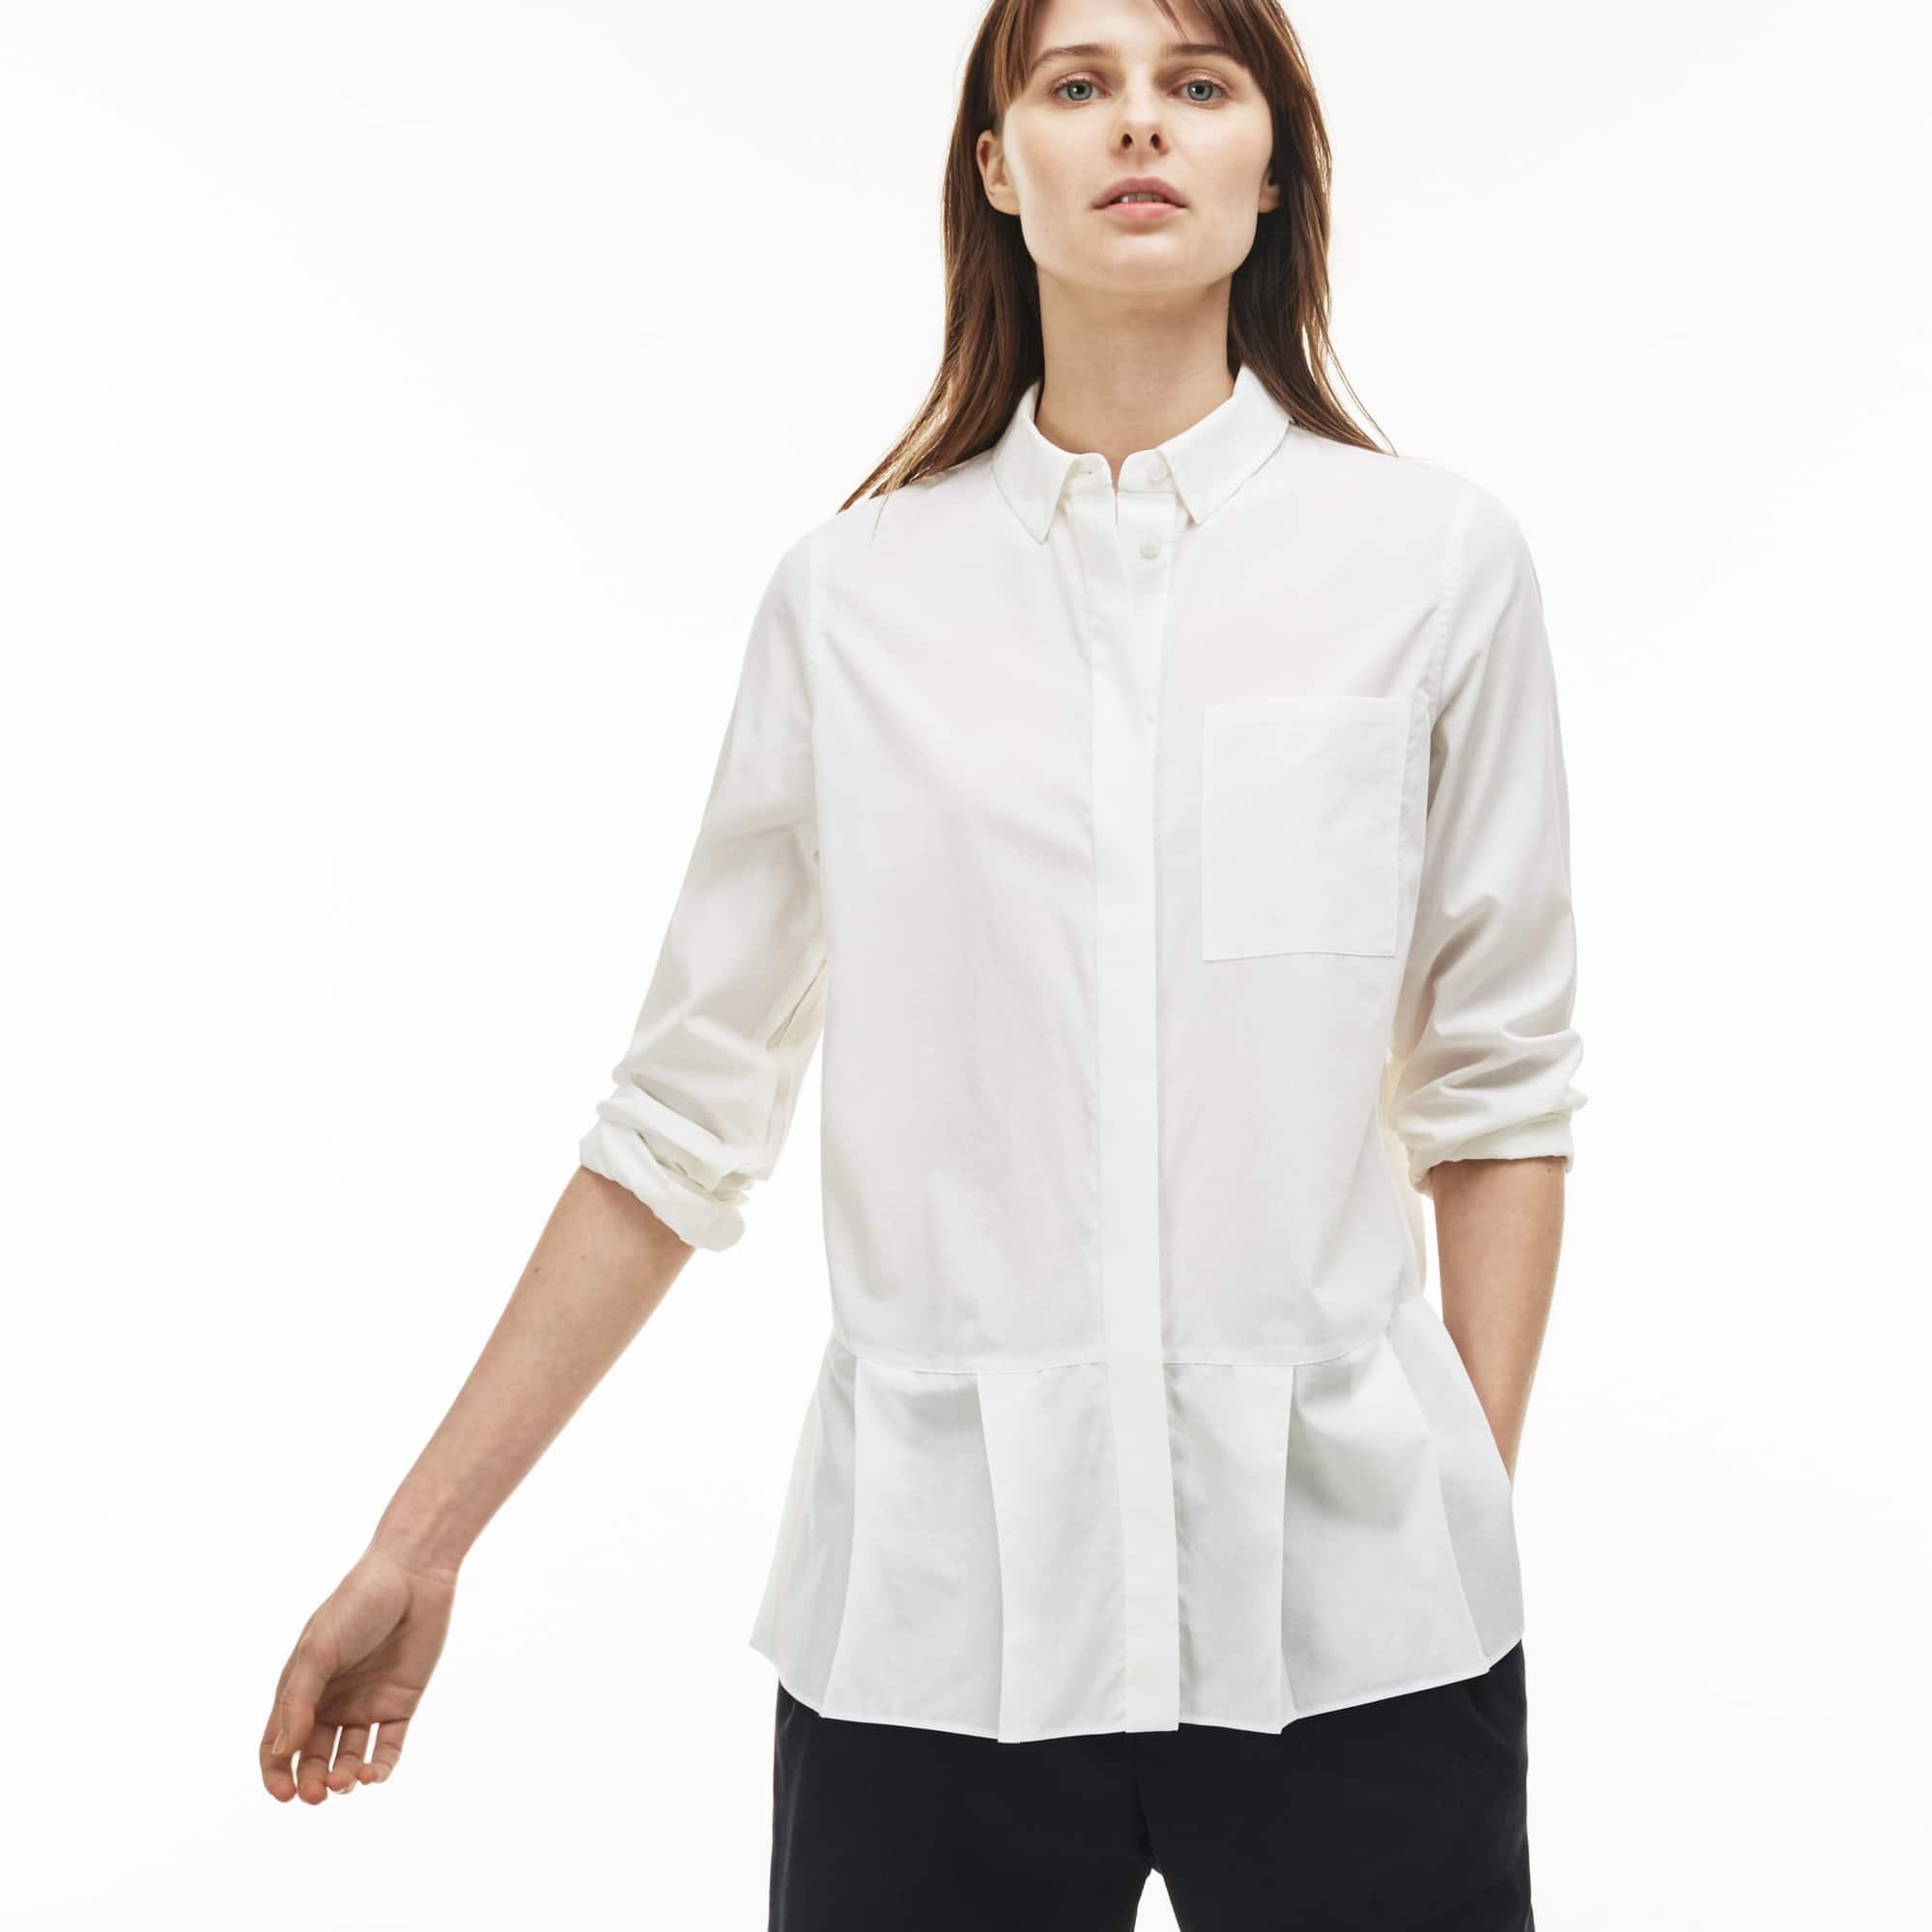 Women's Pleated Shirt